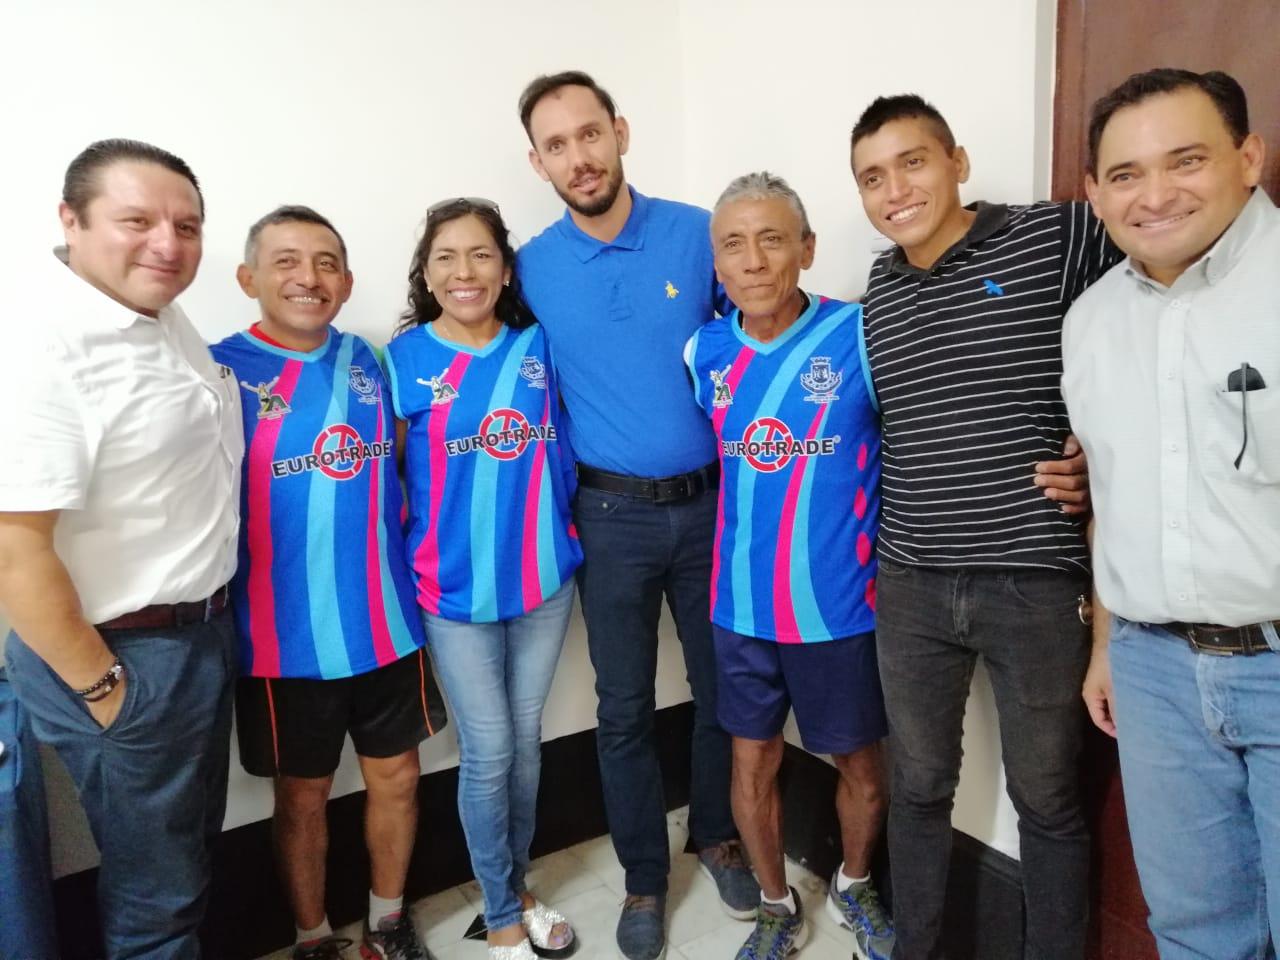 Pedro Escalante va por el triunfo y récord en lanzamiento de jabalina en Zapopan, Jalisco.